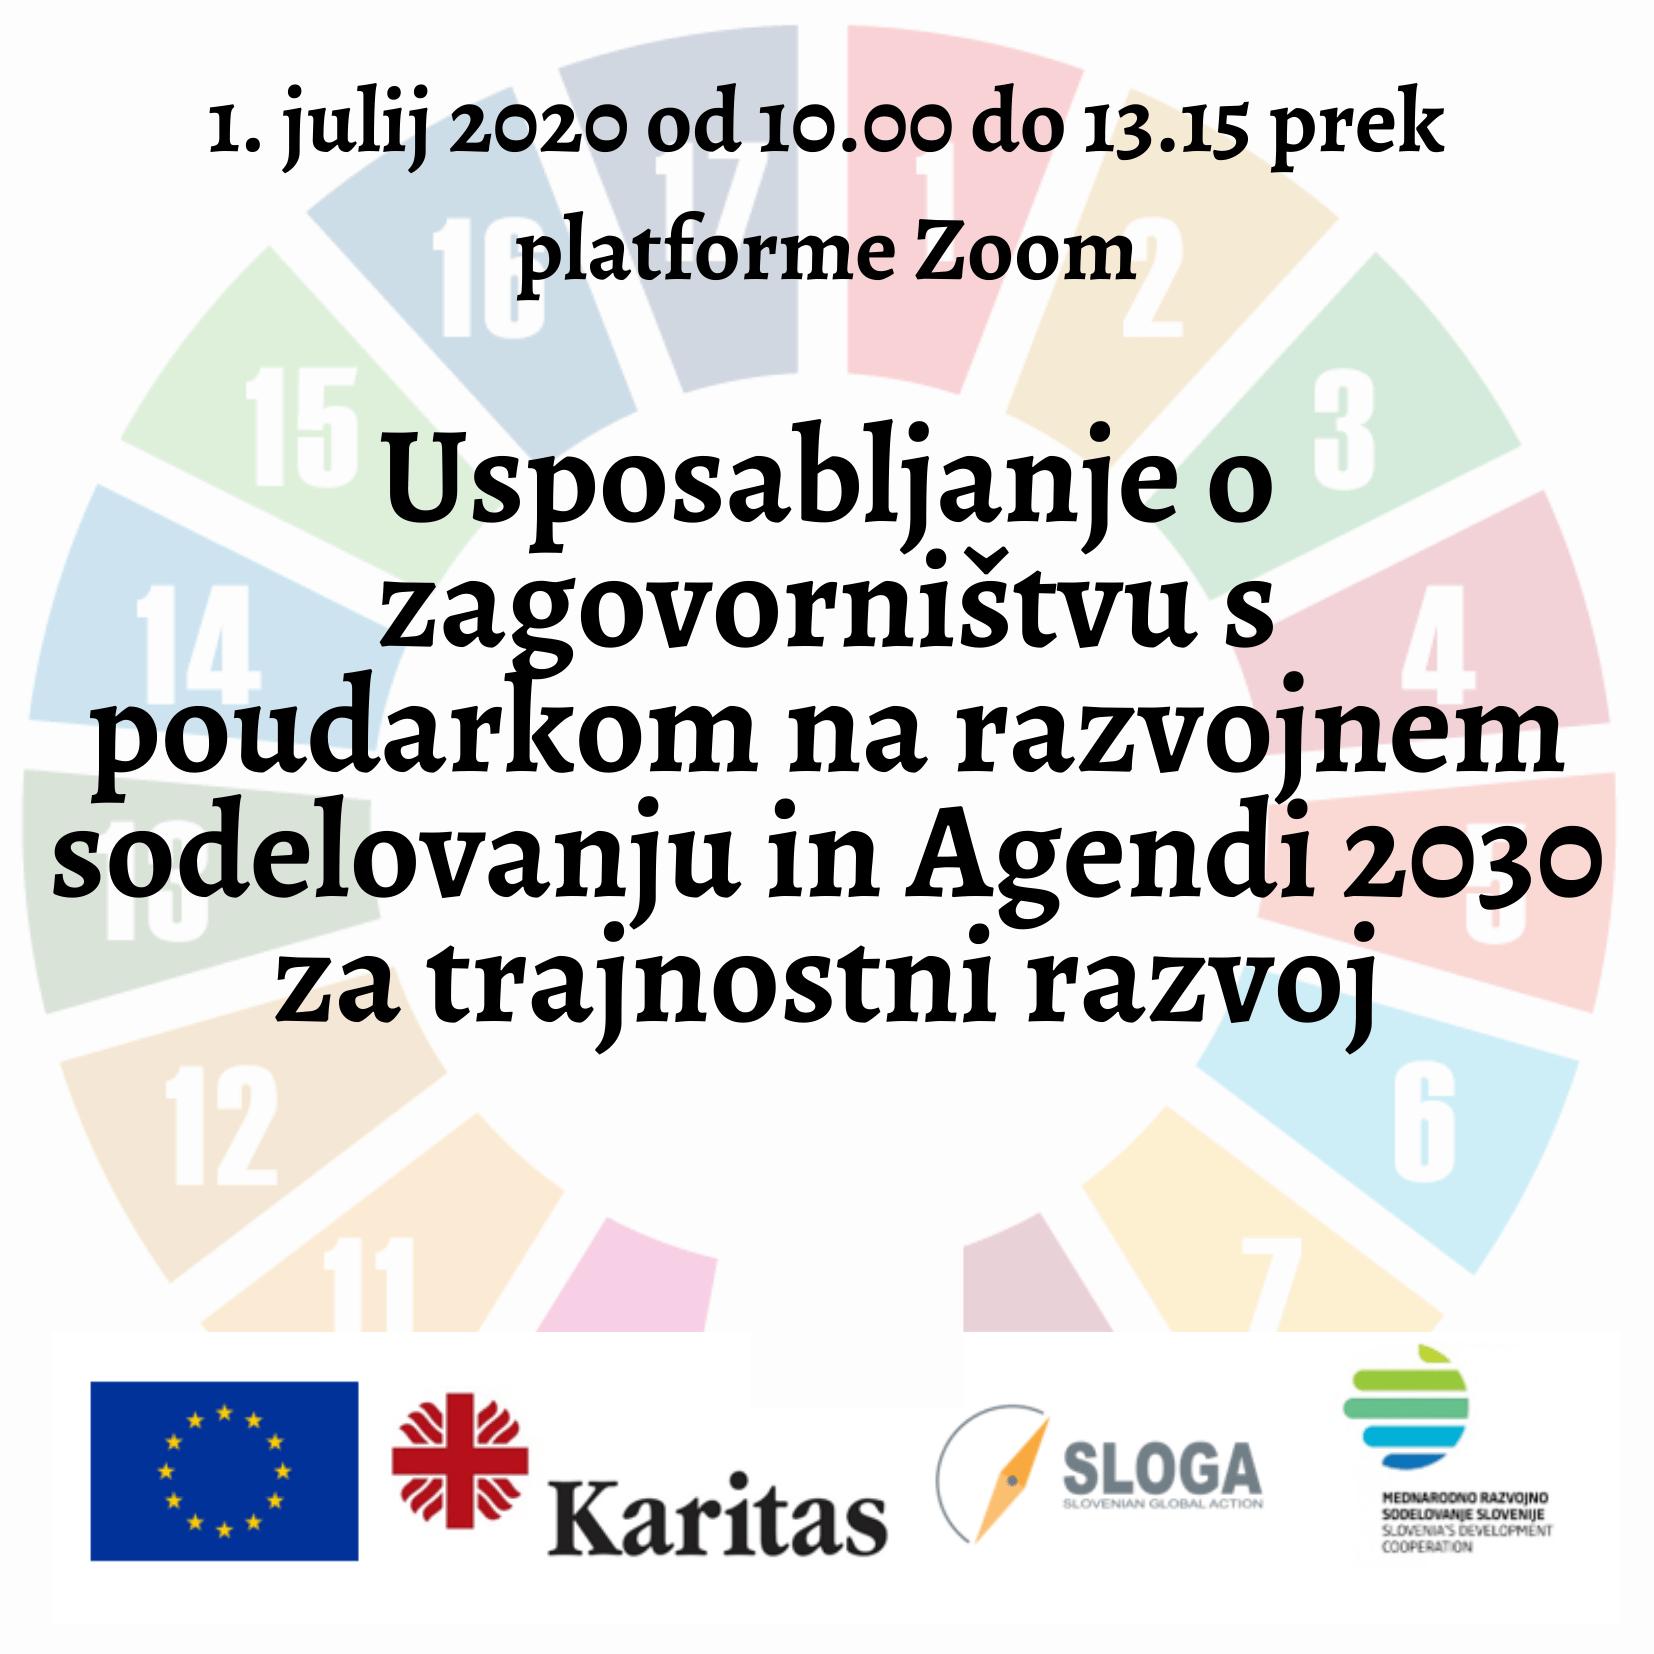 Usposabljanje o zagovorništvu s poudarkom na razvojnem sodelovanju in Agendi 2030 za trajnostni razvoj